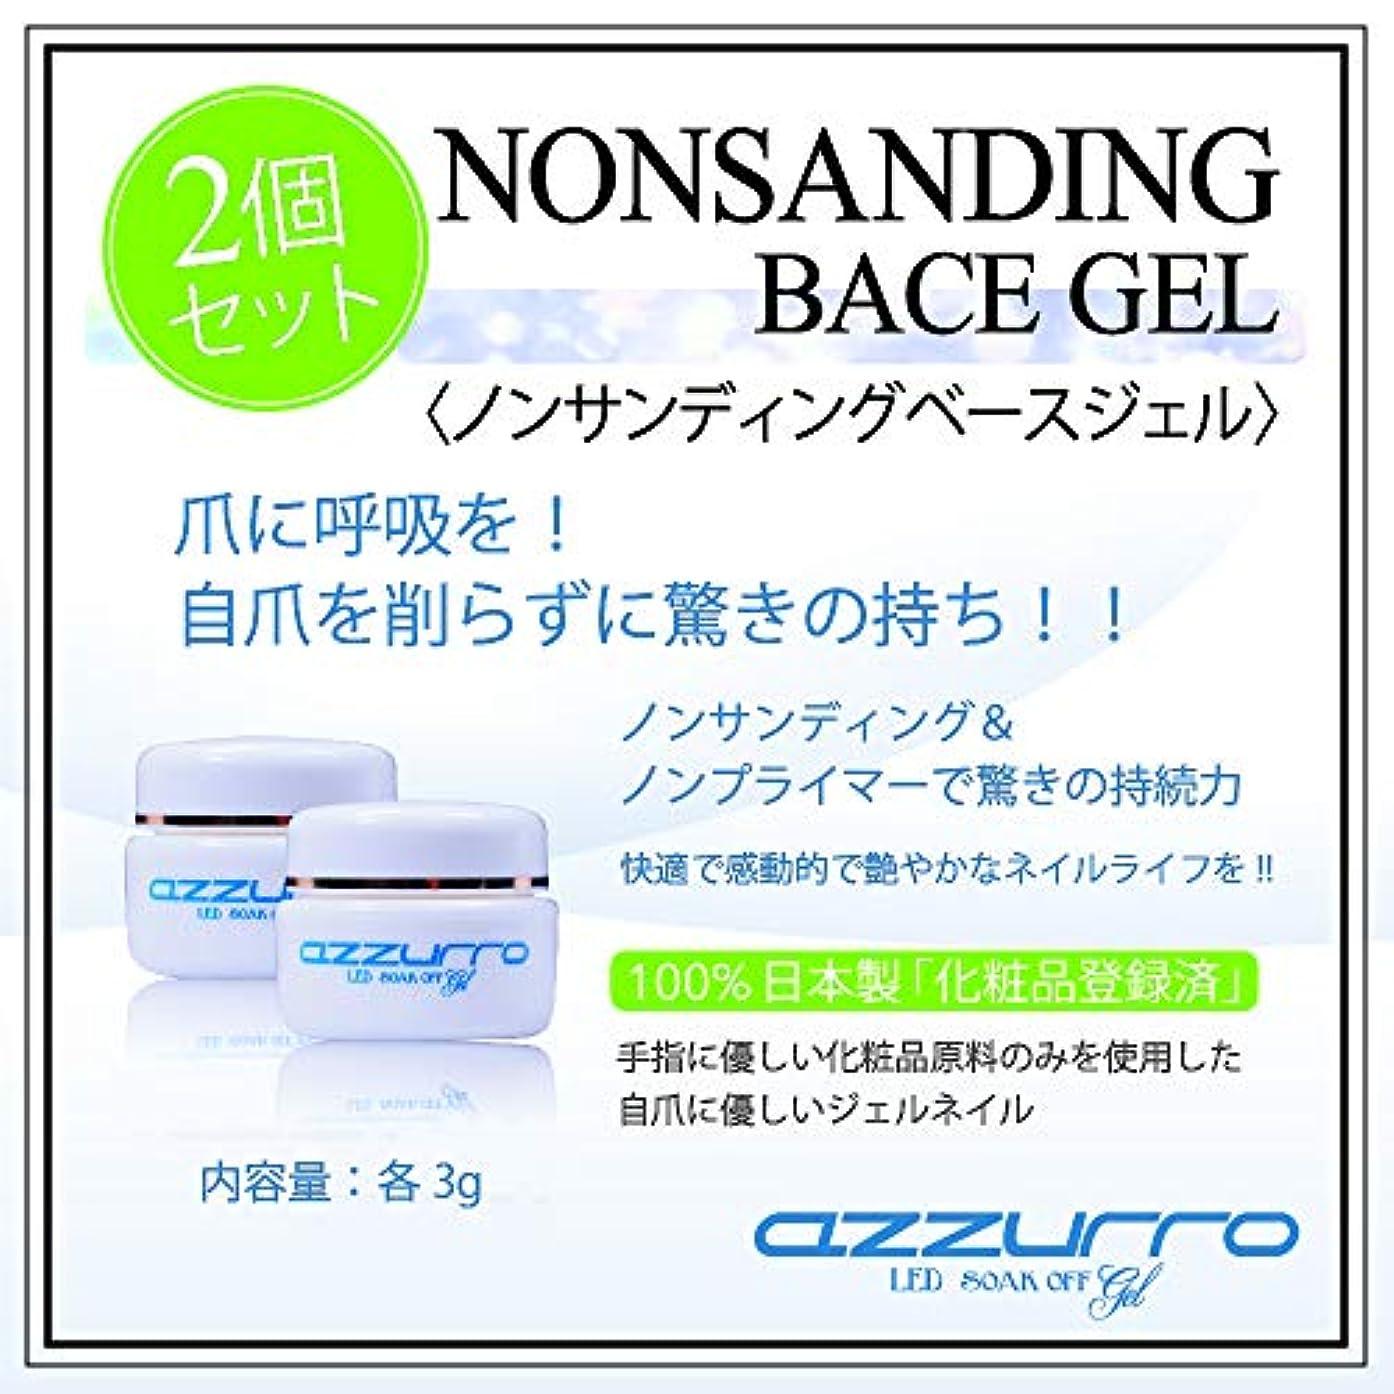 戸惑う論争的病気azzurro gel アッズーロノンサンディング ベースジェル お得な2個セット 削らないので爪に優しい 抜群の密着力 リムーバーでオフも簡単 3g